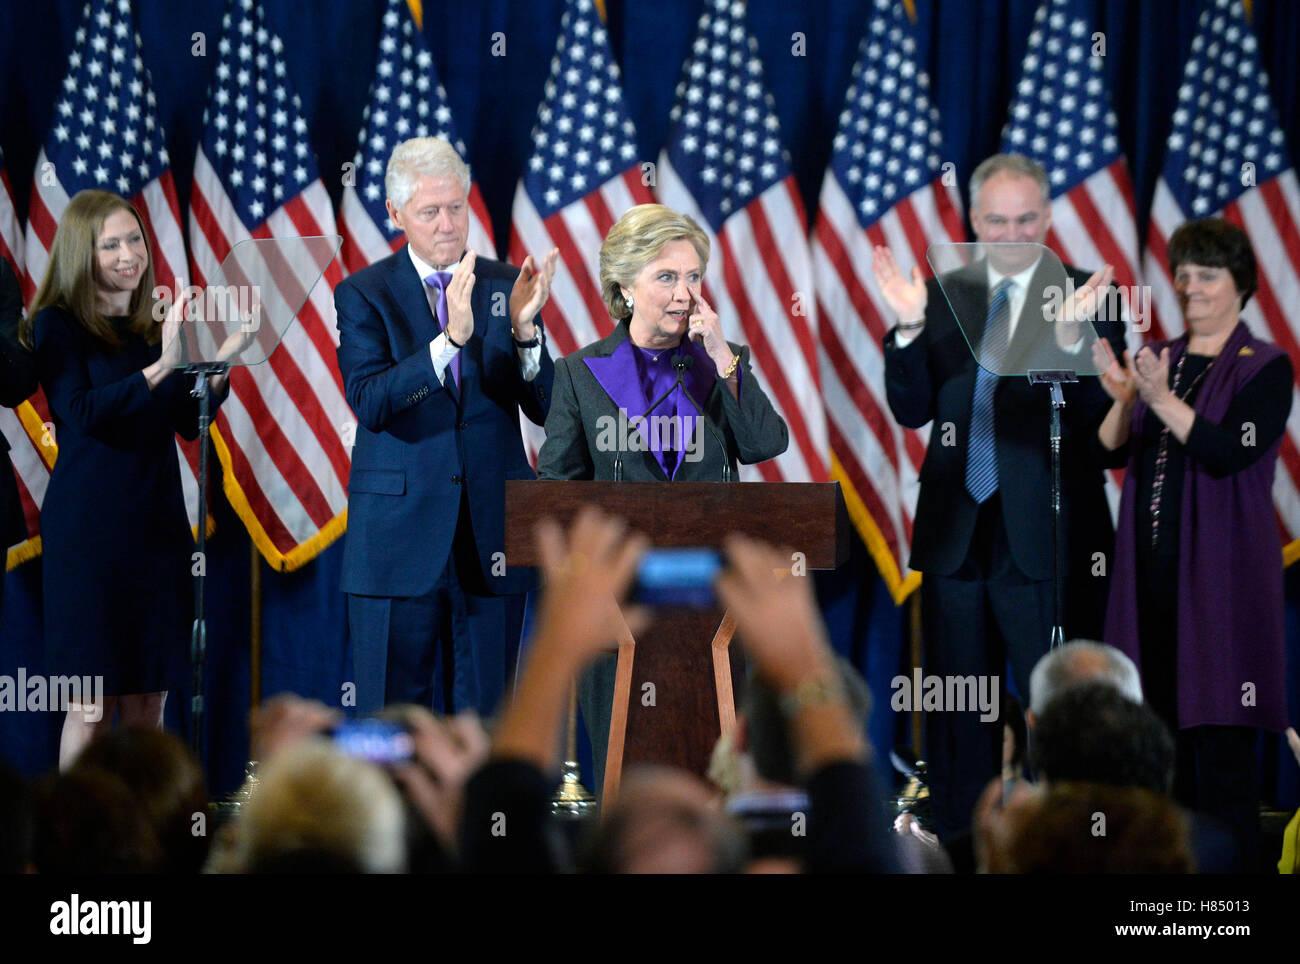 El candidato presidencial demócrata Hillary Clinton ofrece su discurso de concesión Miércoles, desde Imagen De Stock